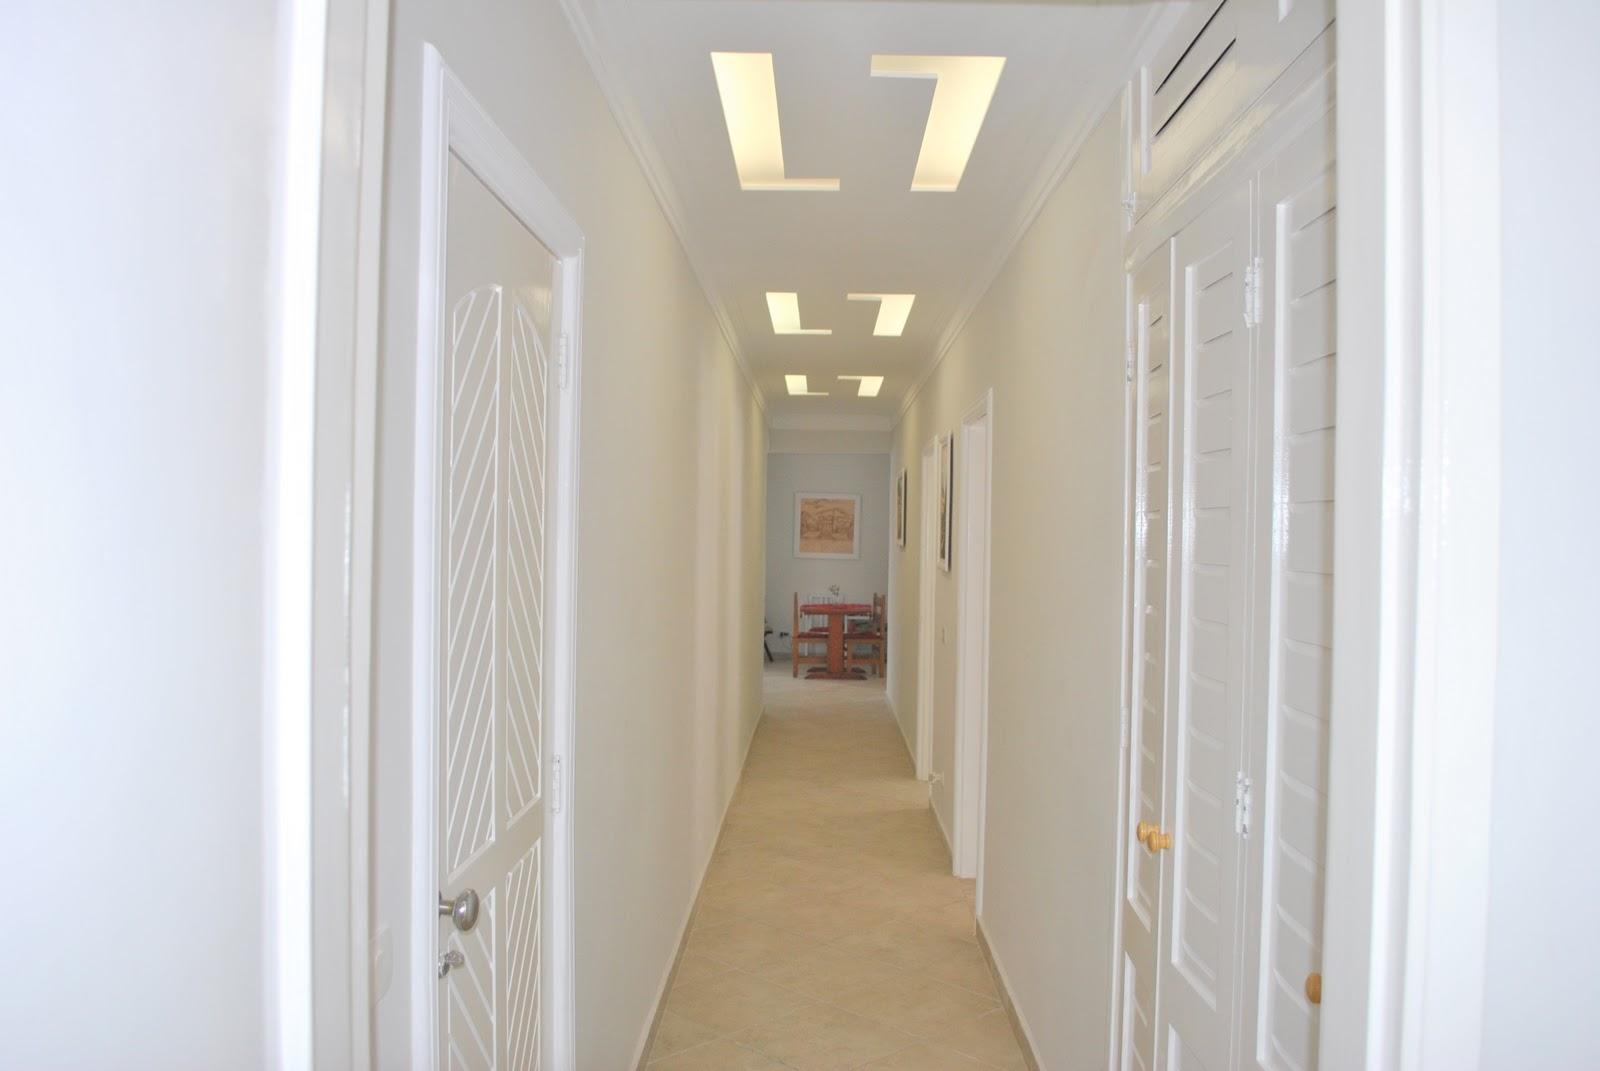 Detalhe da iluminação no teto dois quadros no início do corredor #8B6A40 1600x1071 Banheiro Com Janela No Teto